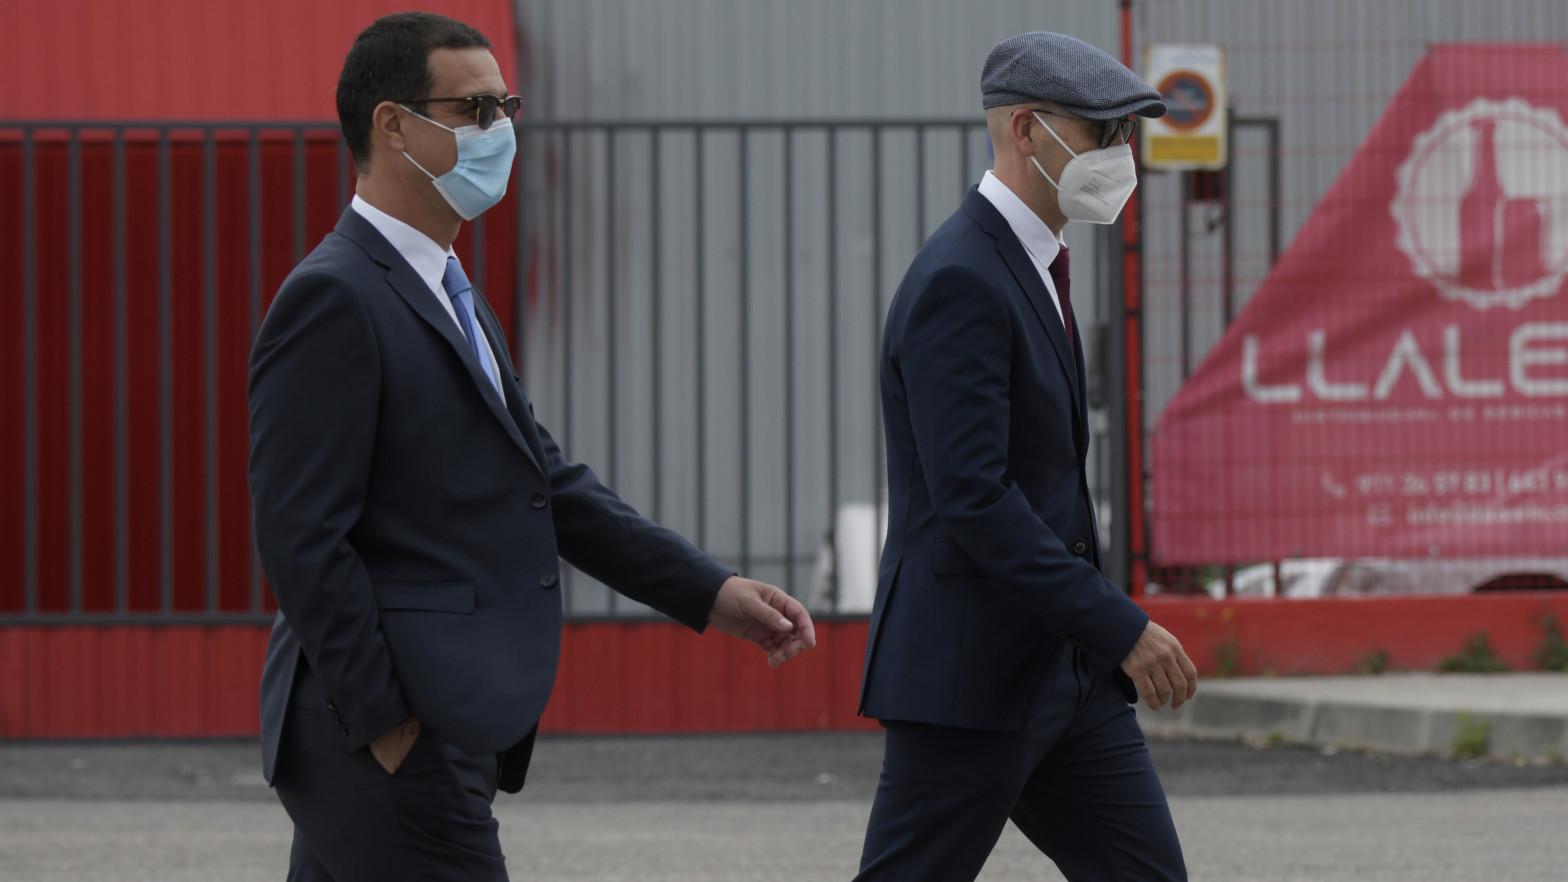 La Fiscalía mantiene la acusación a los dos mossos que acompañaban a Puigdemont pero rebaja la pena.